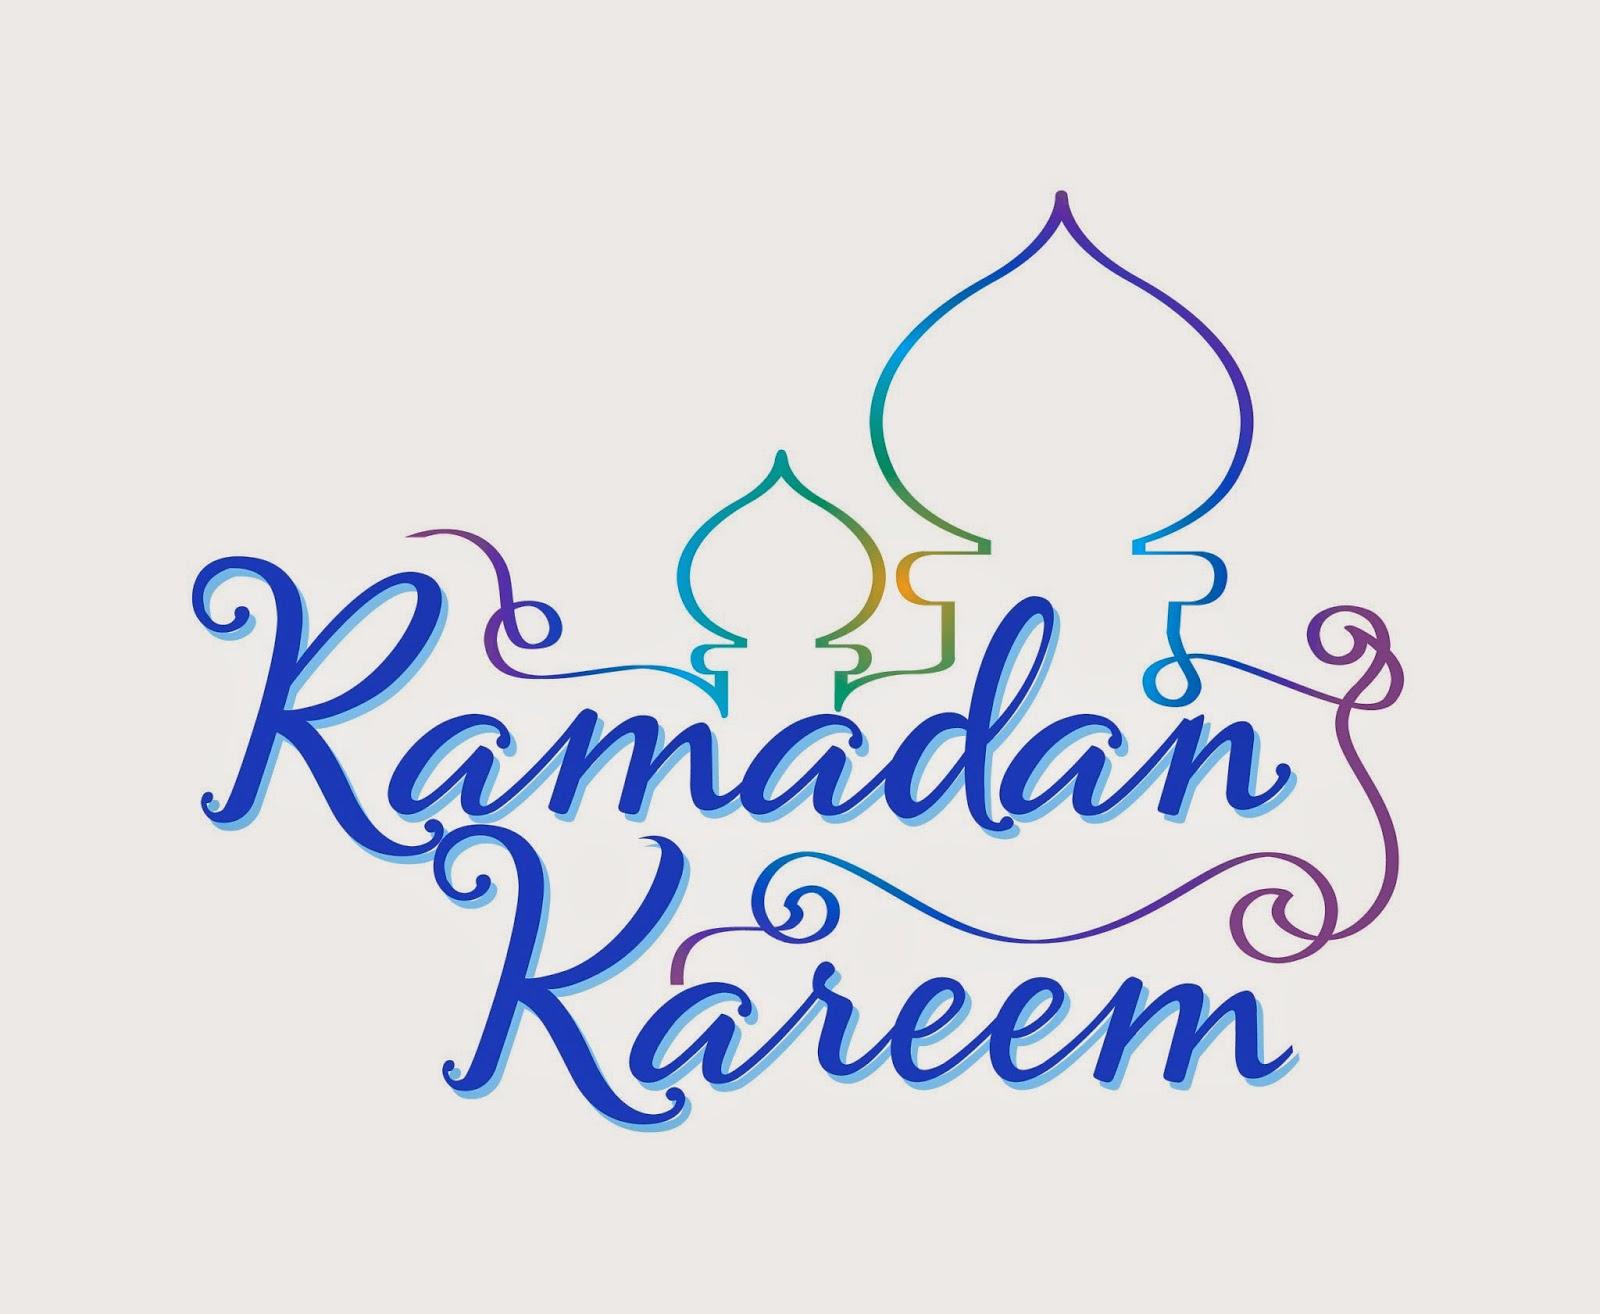 بالصور رسائل رمضان كريم , هنى حبايبك فى شهر الخير و اوصل الود القديم 1508 3